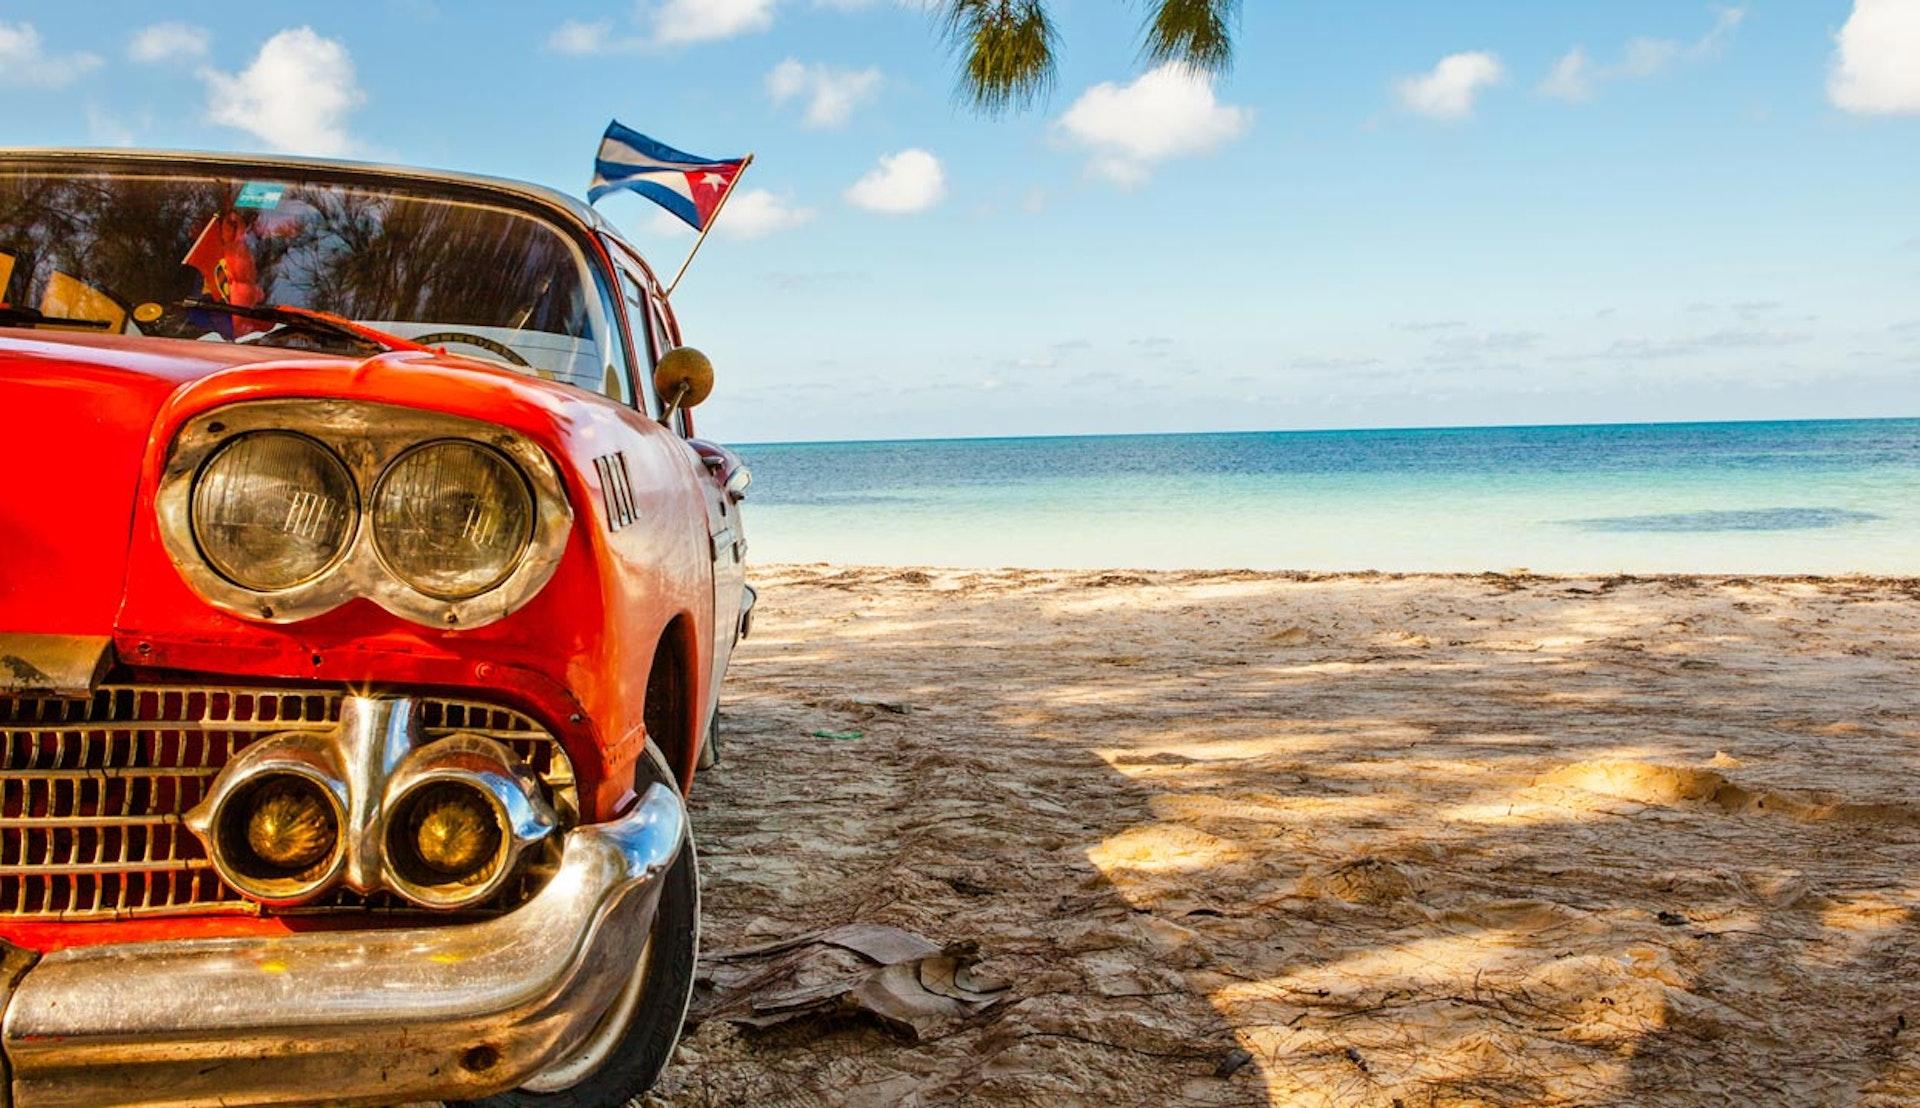 Röd bil med kubanska flaggan som vajar i vinden, på en strand.